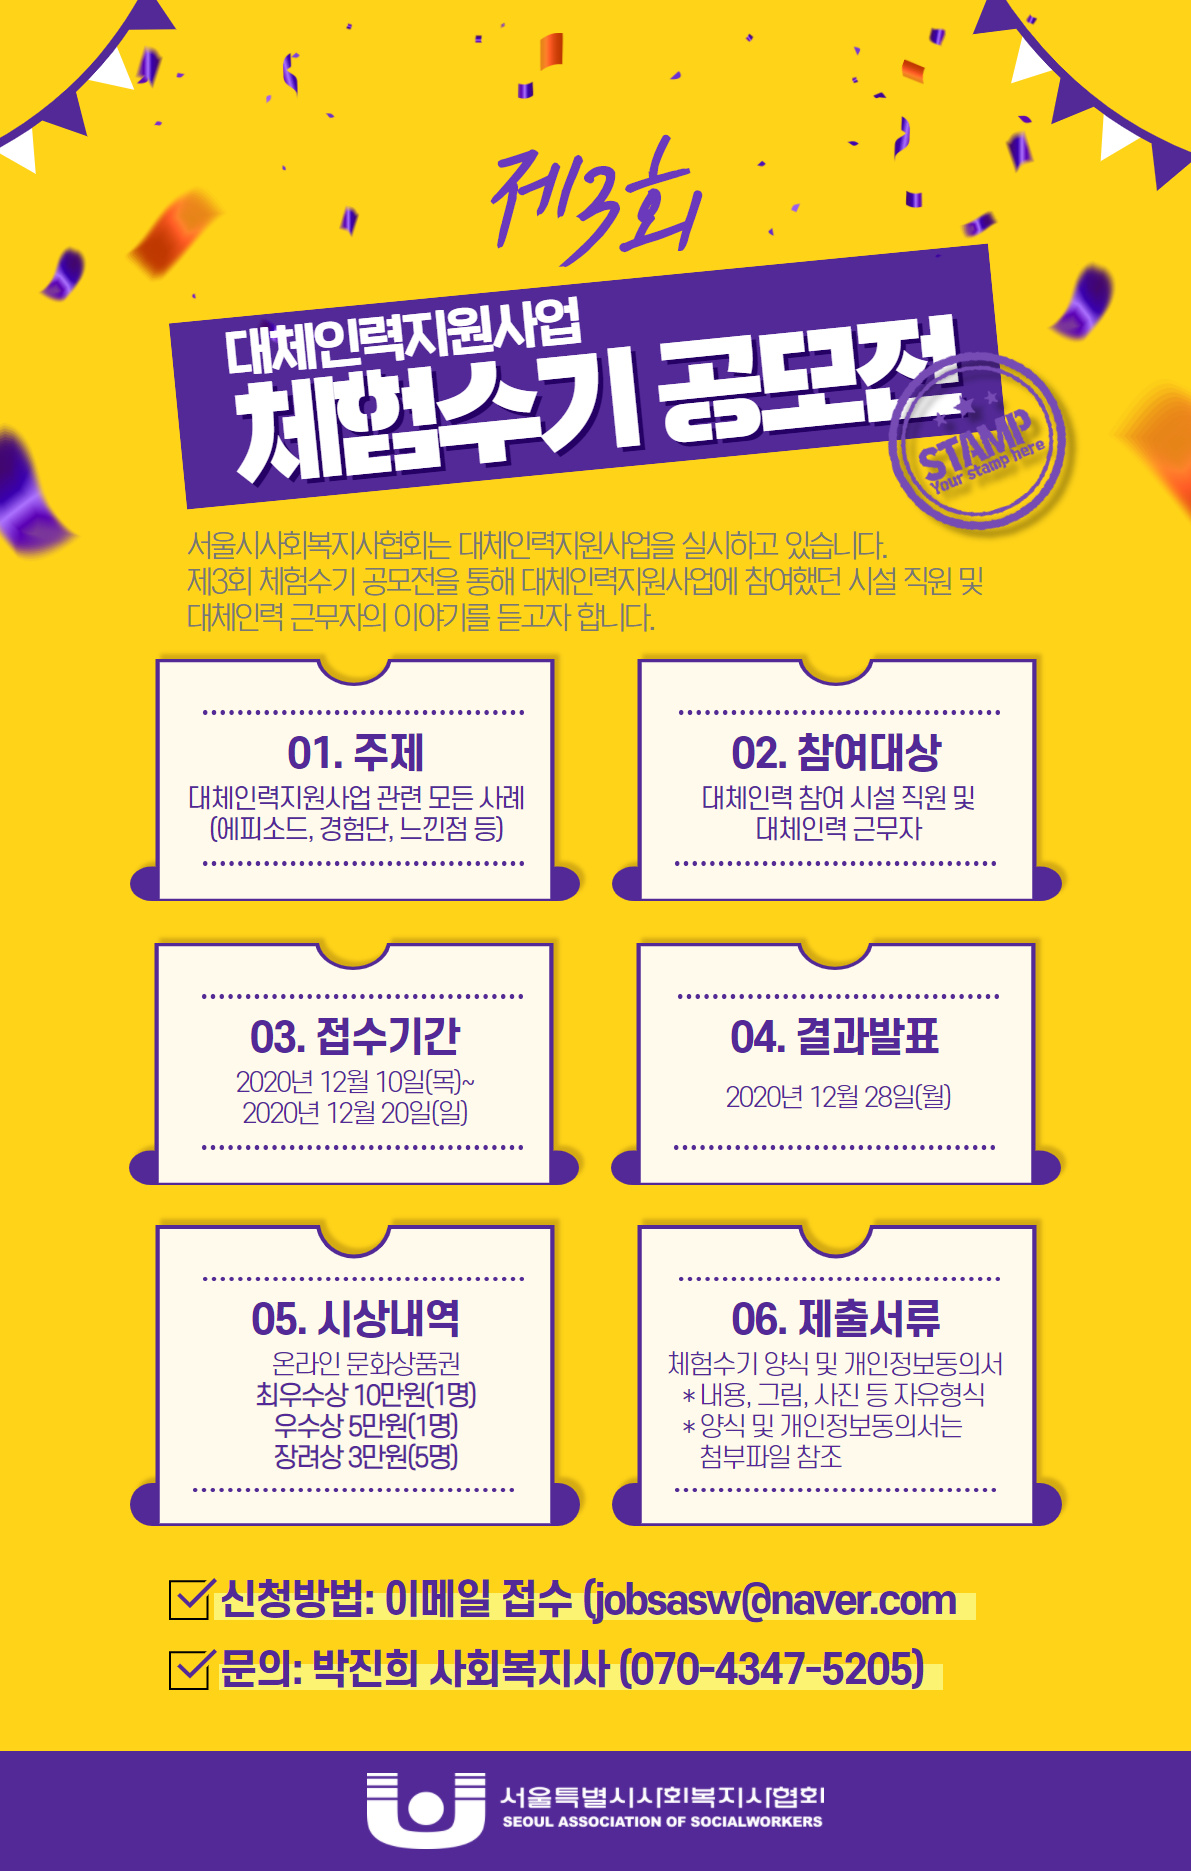 201209_붙임1) 서울시 대체인력지원사업 체험수기 공모전 홍보지.jpg